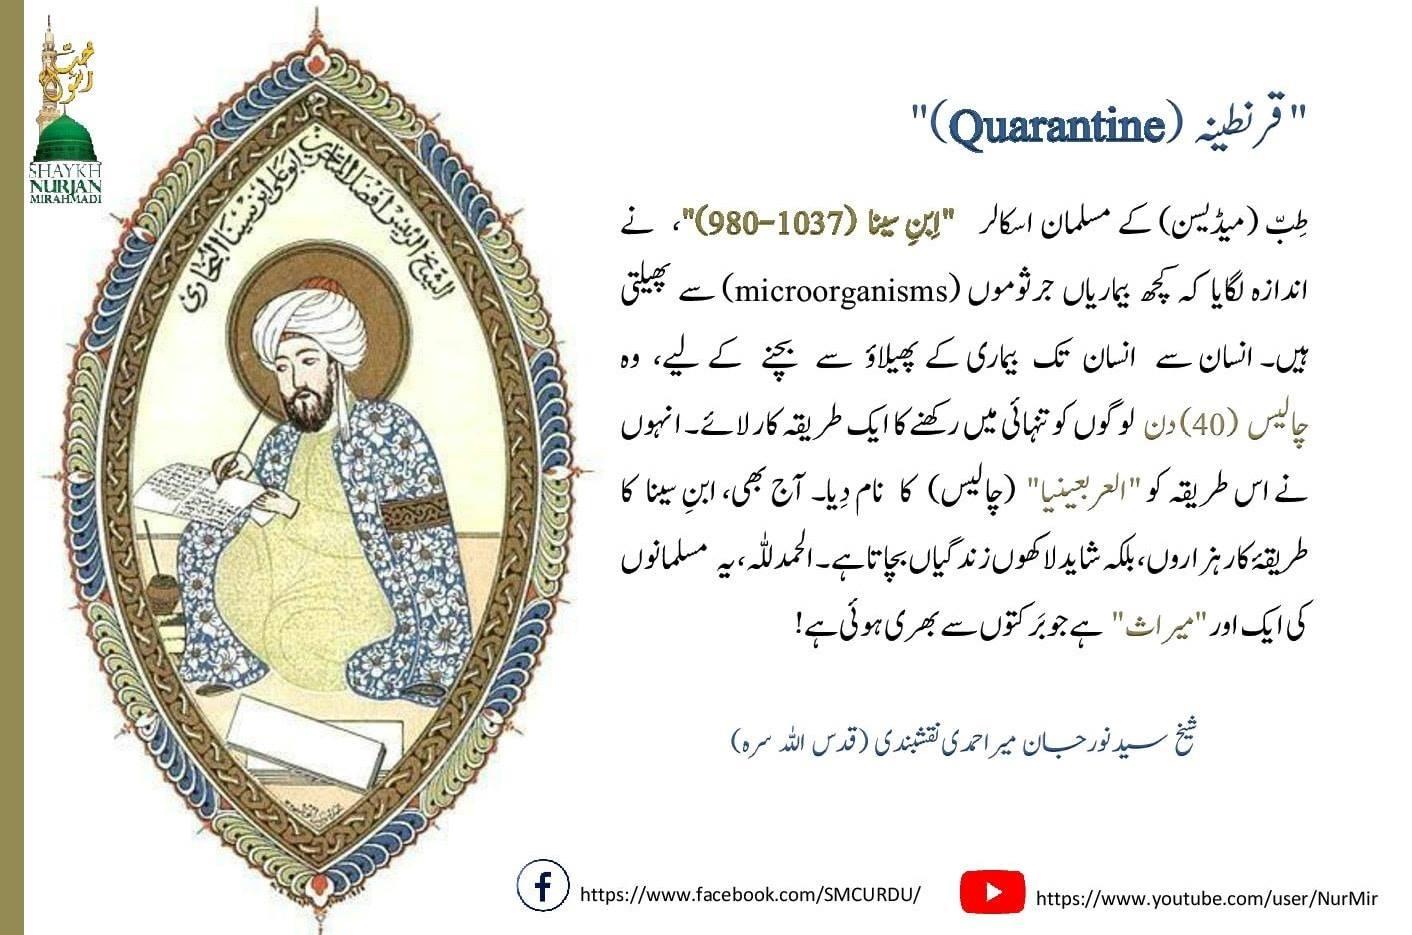 قرنطینہ (طِبّی قید/بیماری کی وجہ سے علیحدگی کے طریقہ کی ابتداء) مسلمانوں سے ہے۔ ...